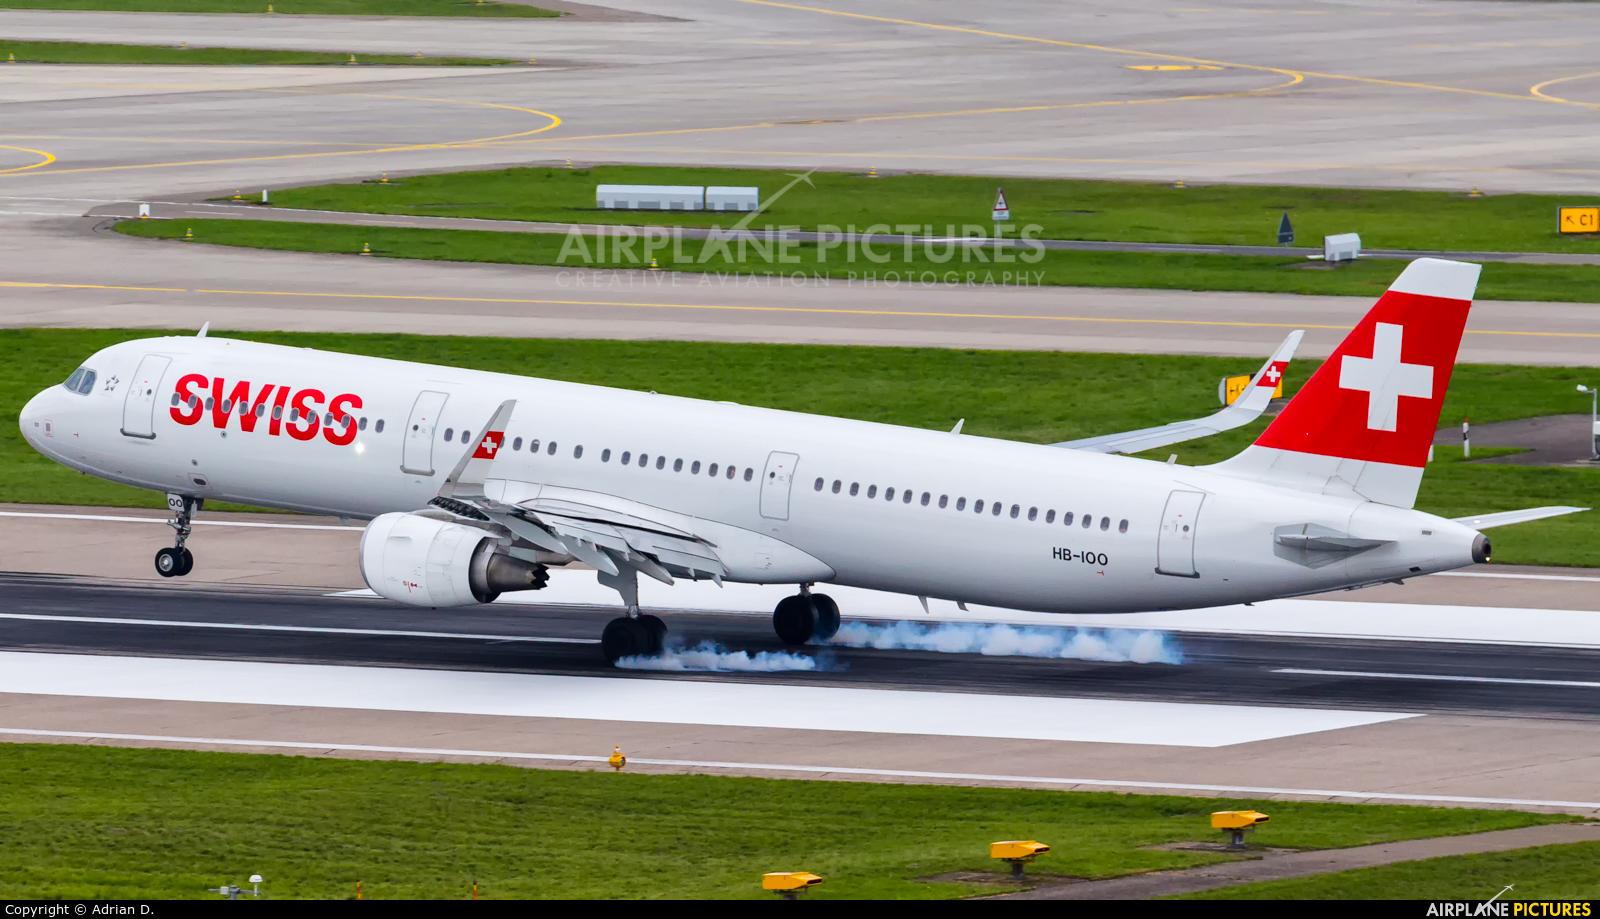 Swiss HB-IOO aircraft at Zurich